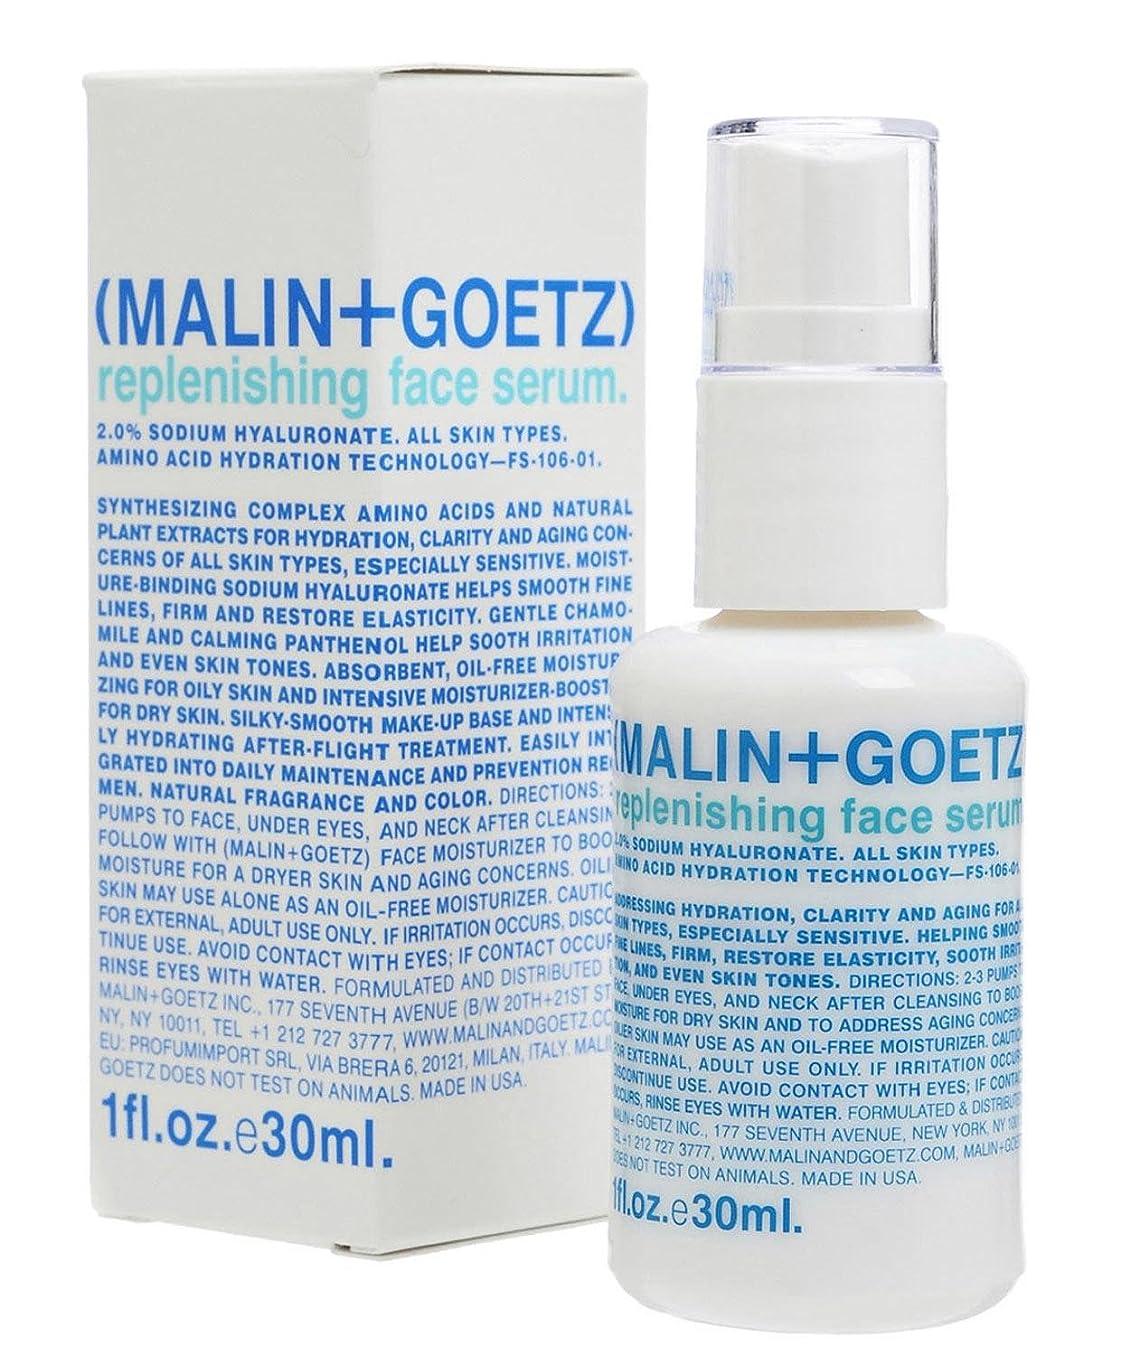 スリット貴重な正当なマリン+ゲッツ補充顔の血清 x2 - MALIN+GOETZ Replenishing Face Serum (Pack of 2) [並行輸入品]